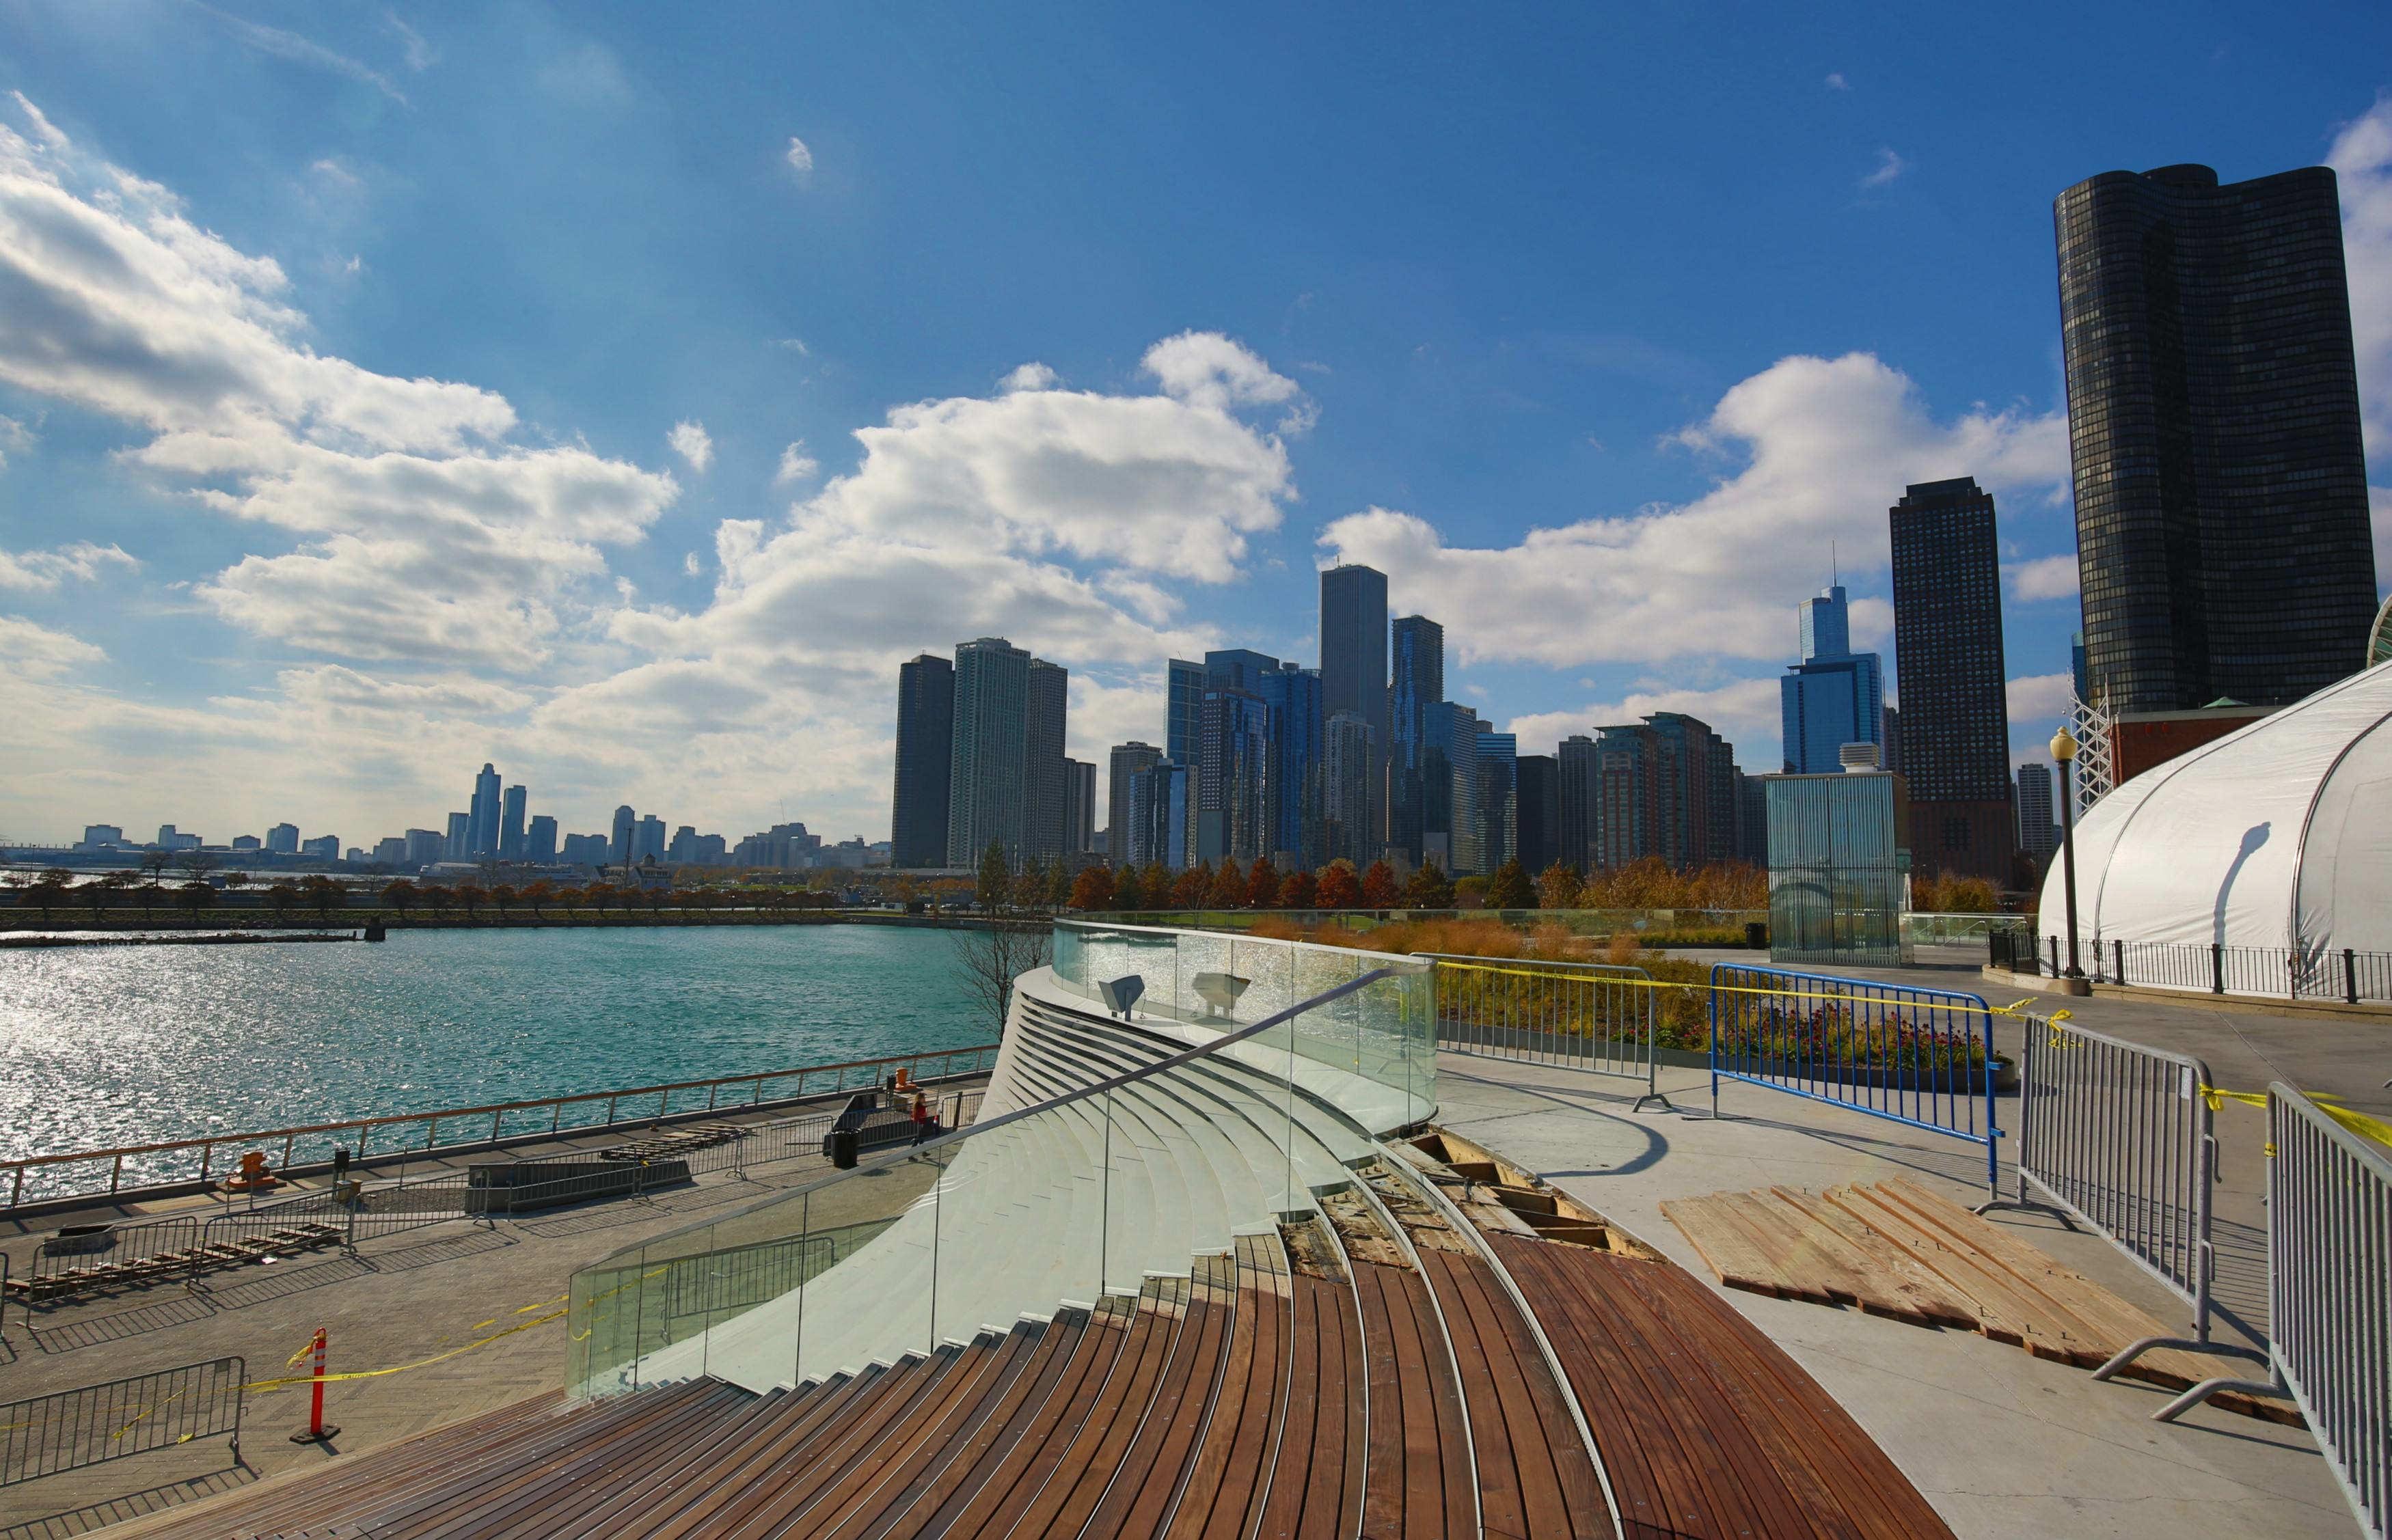 芝加哥天气_芝加哥包车旅游到纽约自驾游攻略